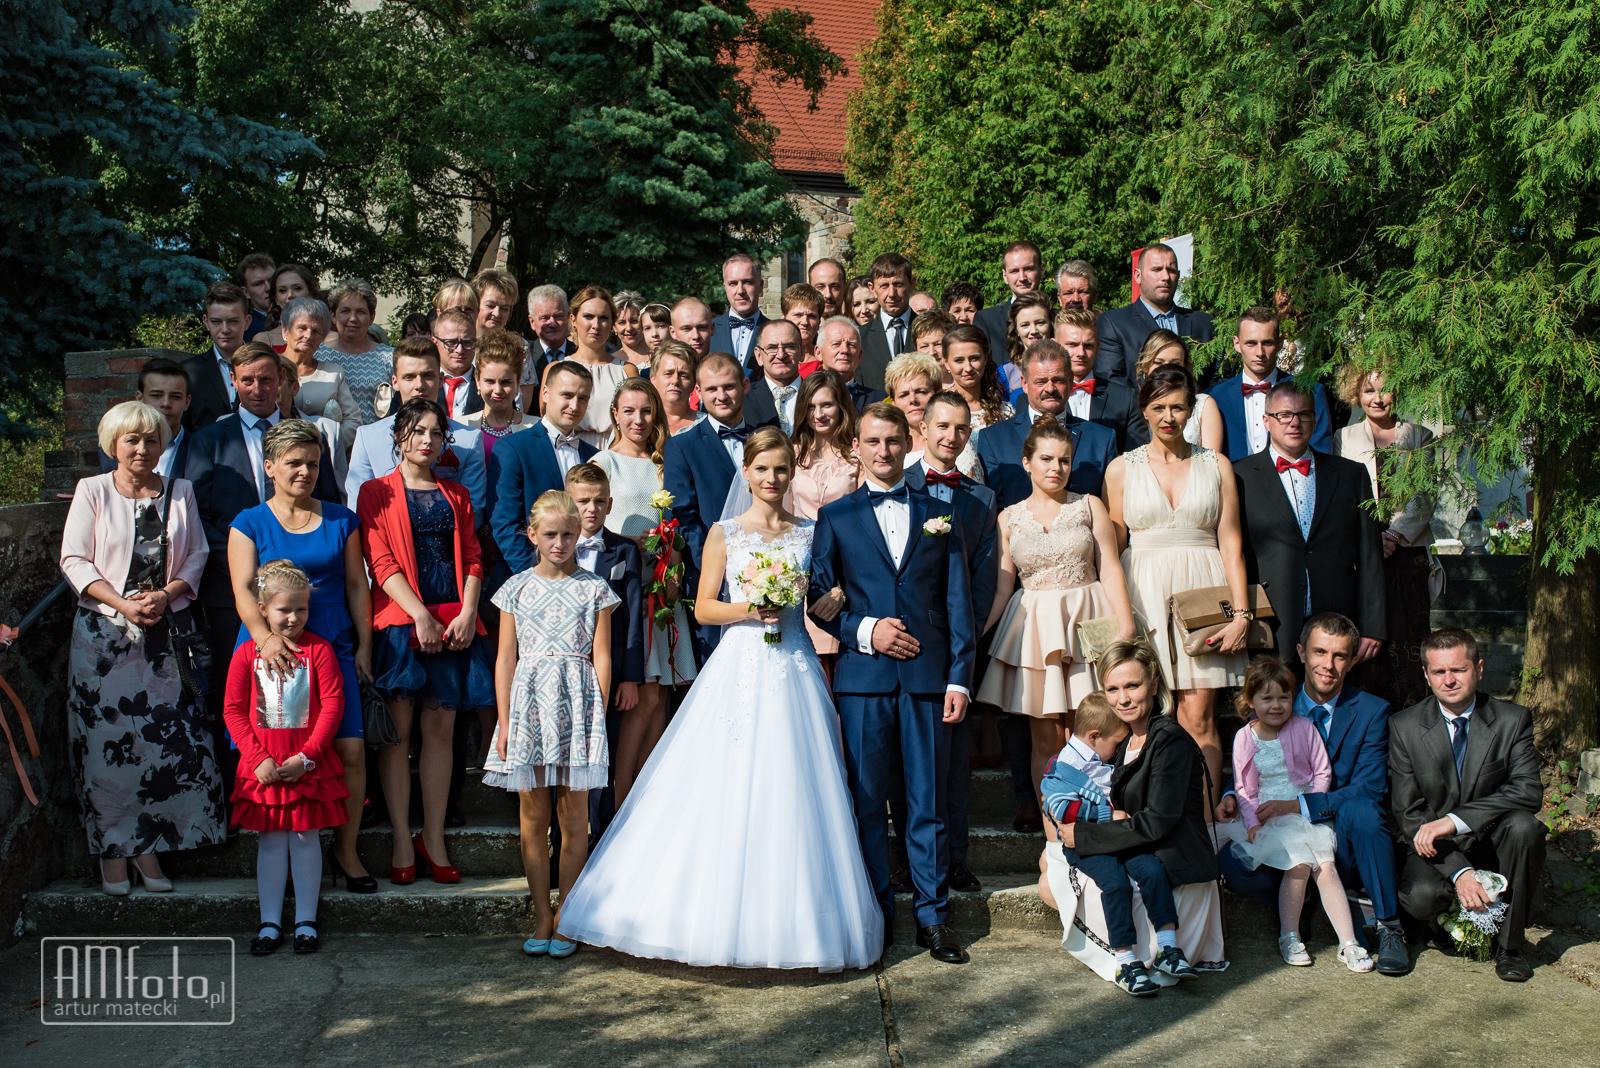 0553_Magdalena&Pawel_fotoreportaz_slub_wesele_poprawiny_odolanow_mikstat____www-amfoto-pl__AMF_1025.jpg